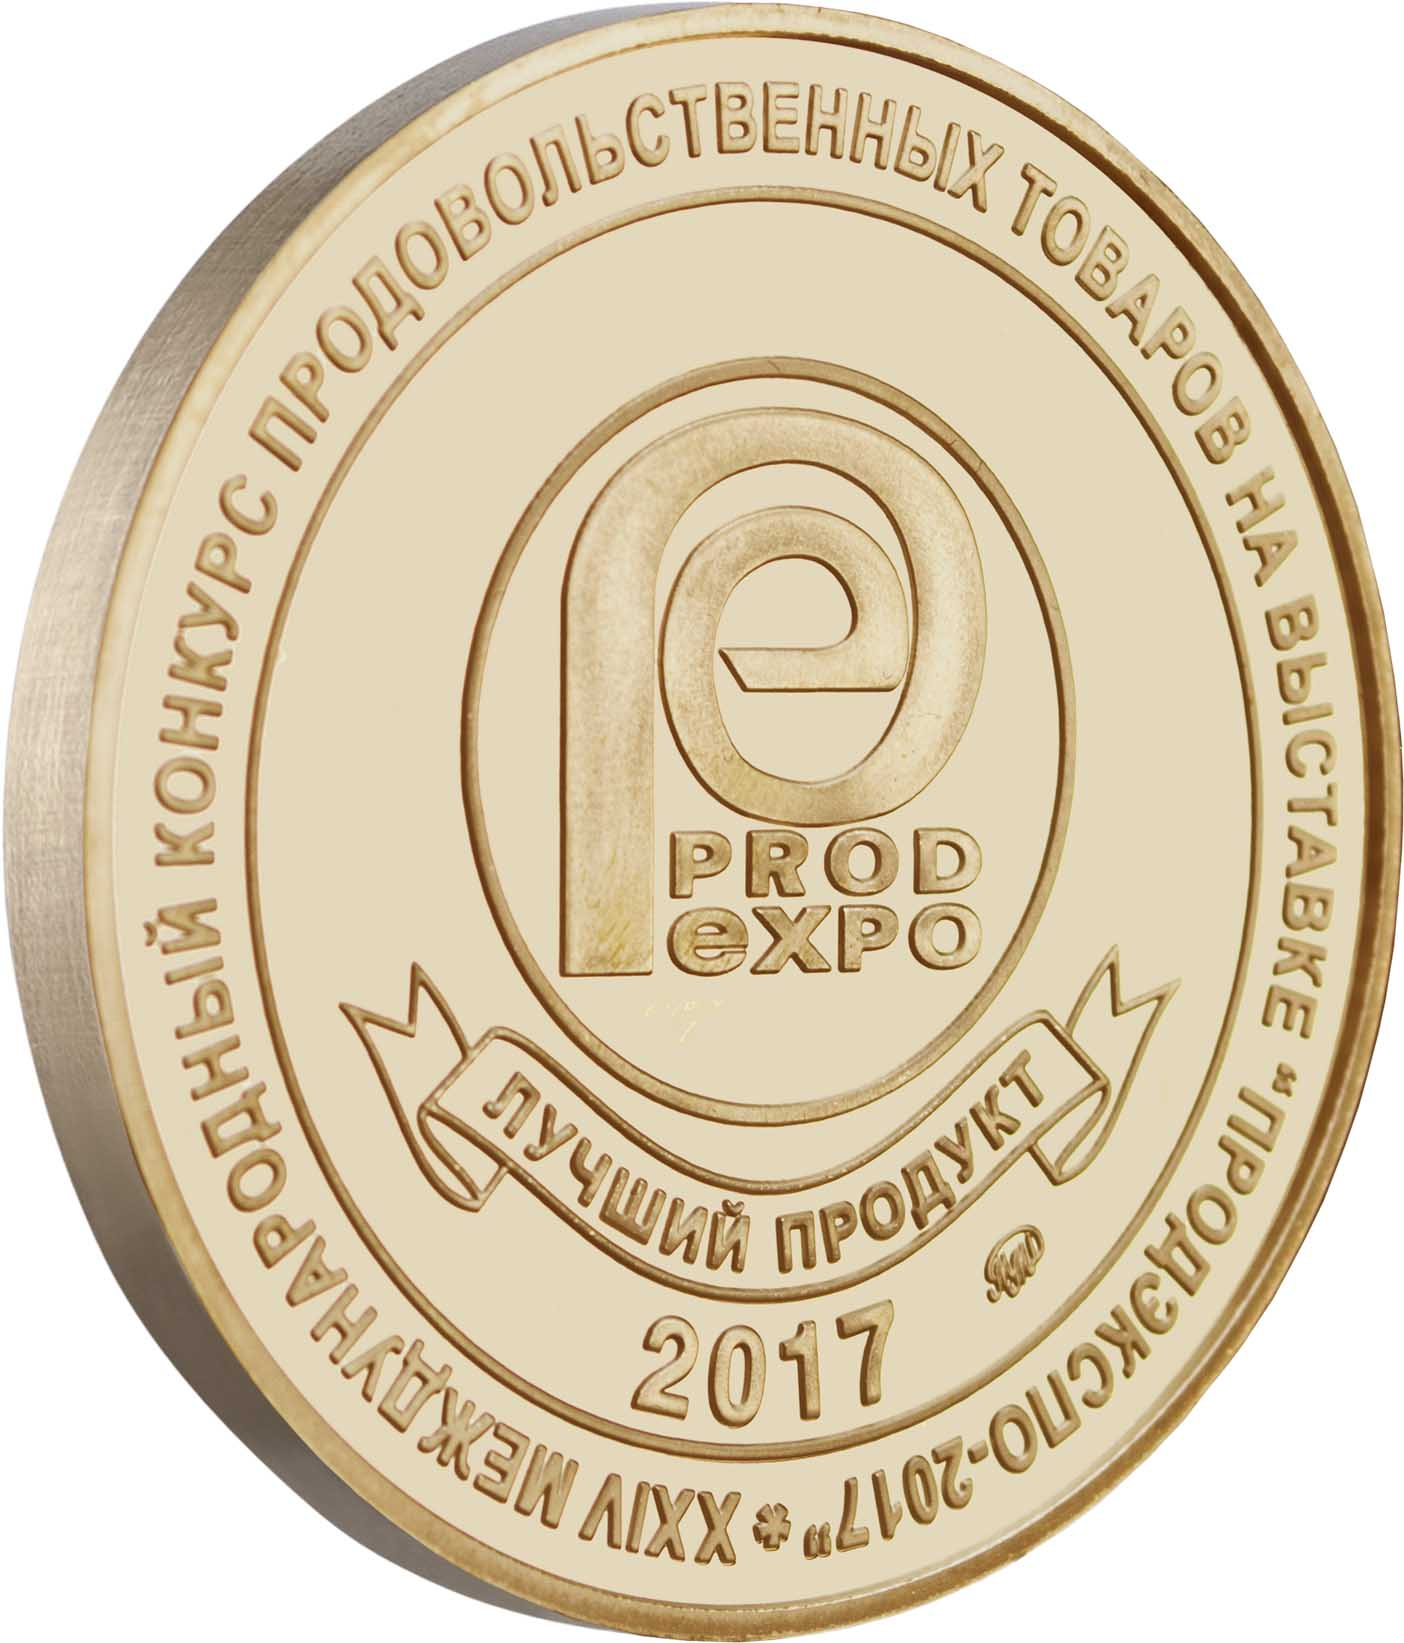 Лучший продукт ПРОД ЭКСПО 2017 - Золотая медаль